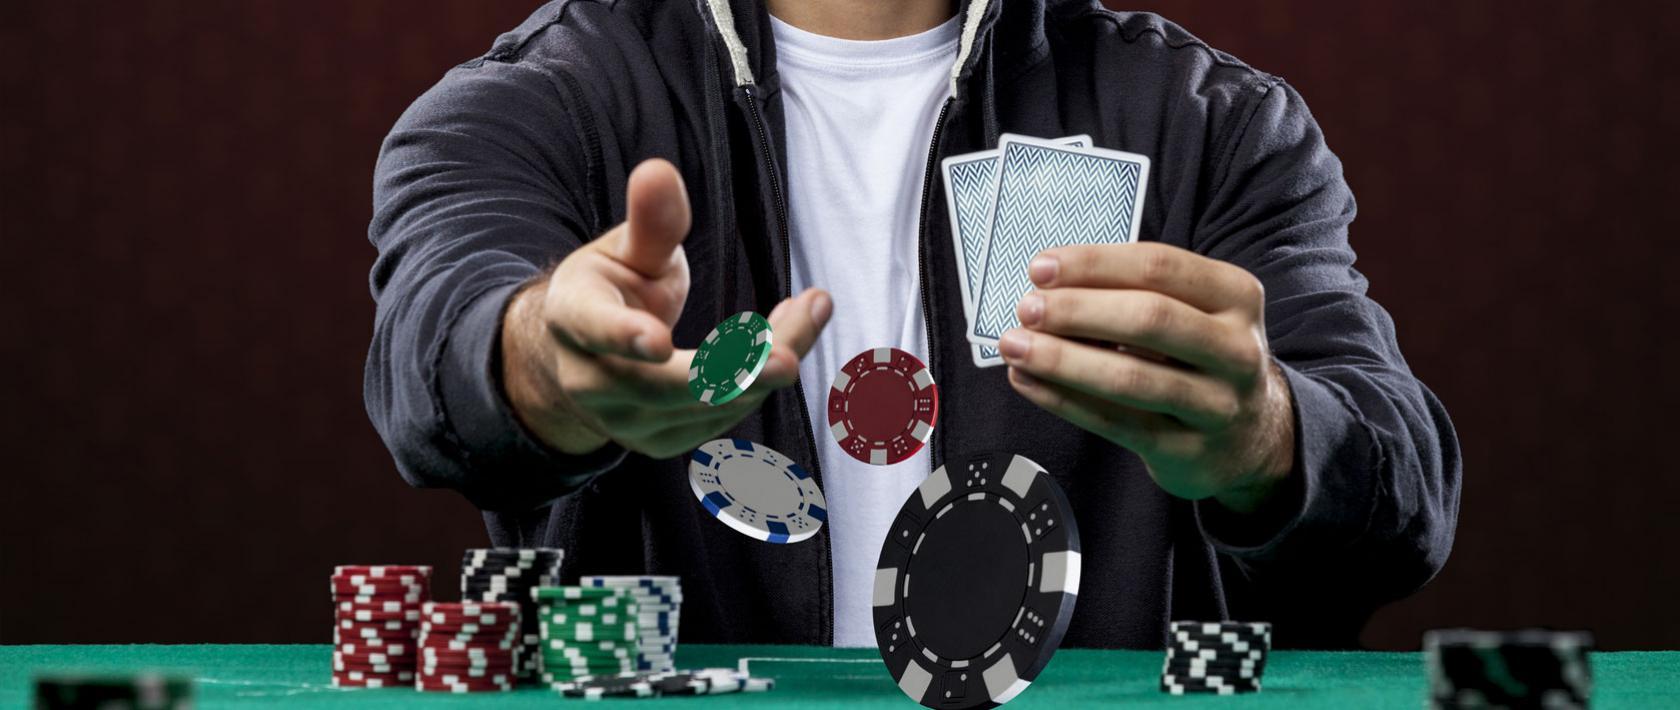 официальный сайт лудоман я играю в казино онлайн вк